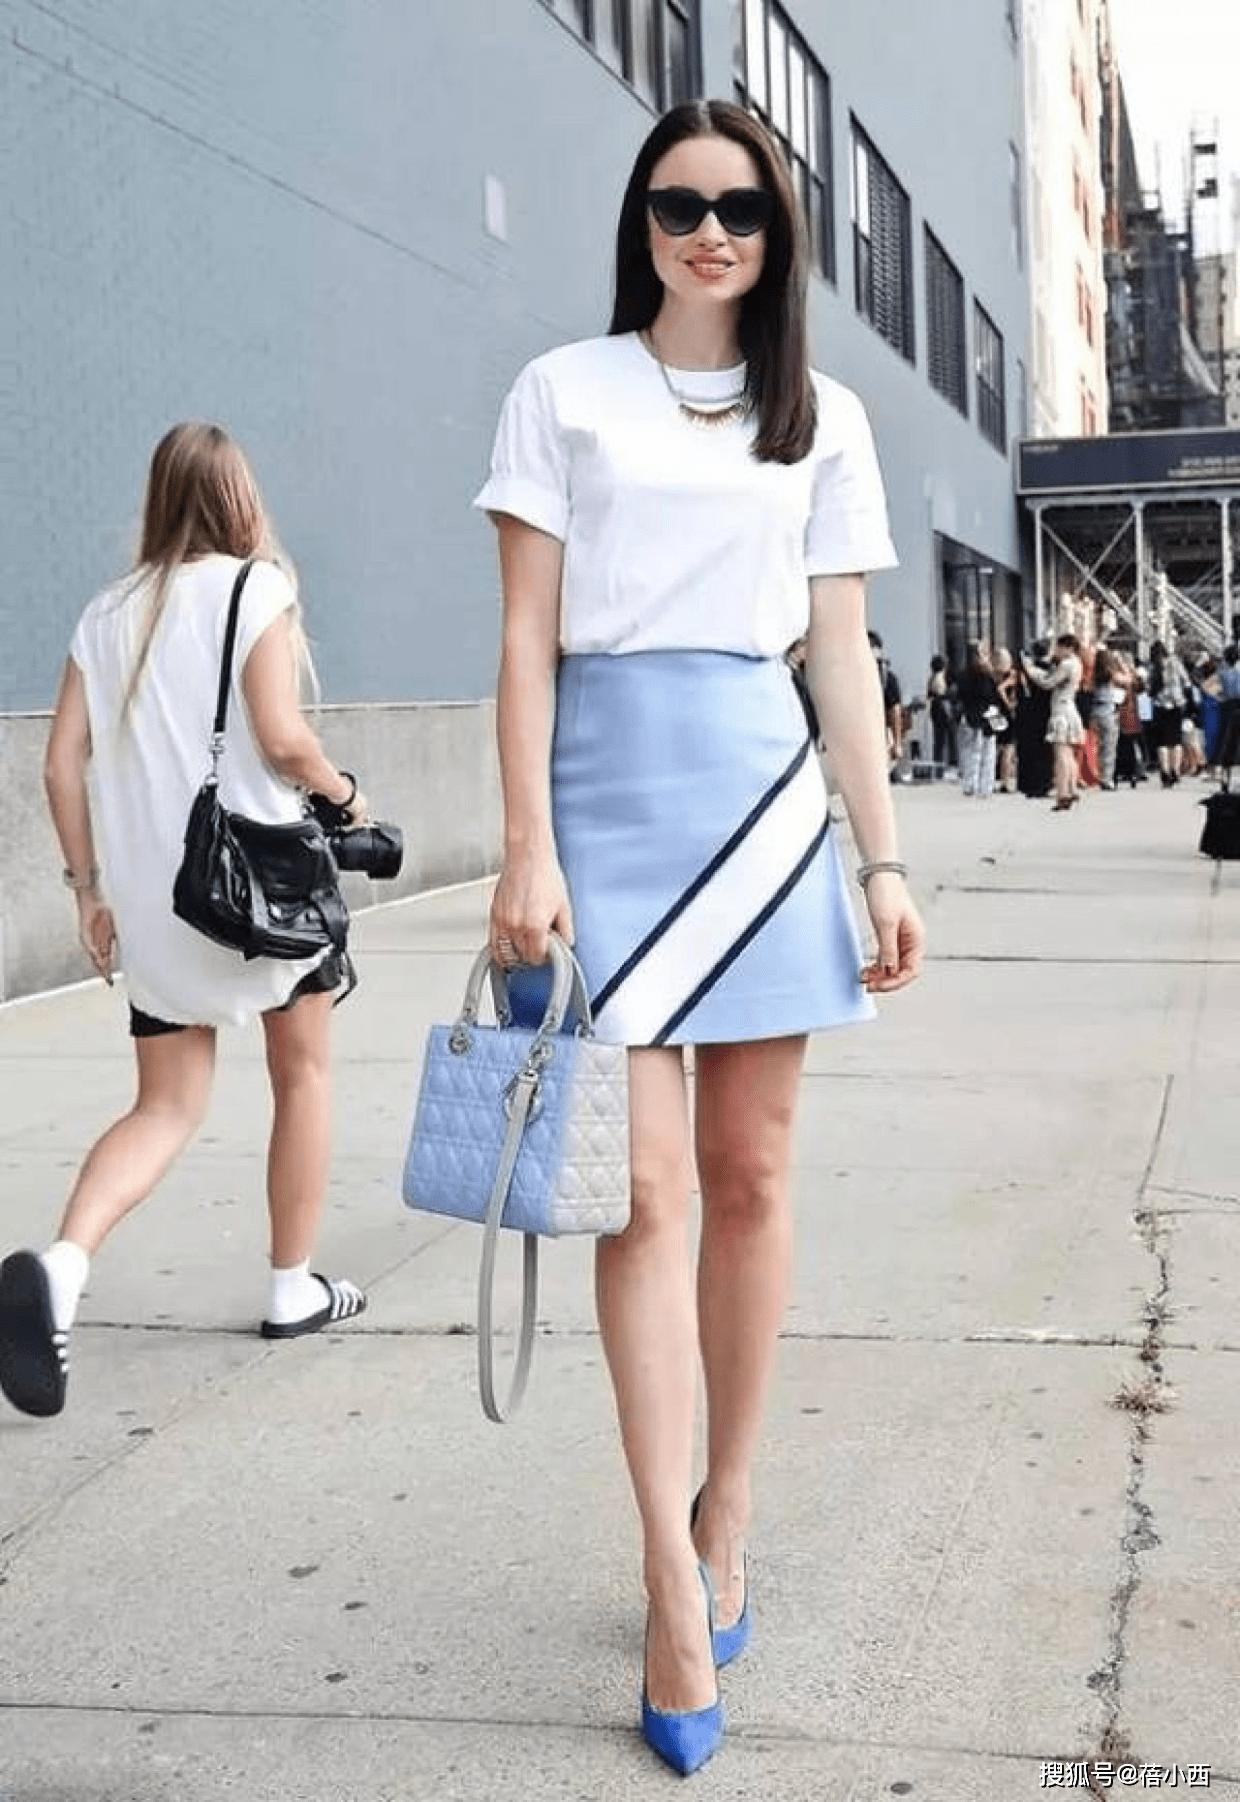 金晨复古风的蓝色+白色怎么穿更时髦?看完你就知道了插图9